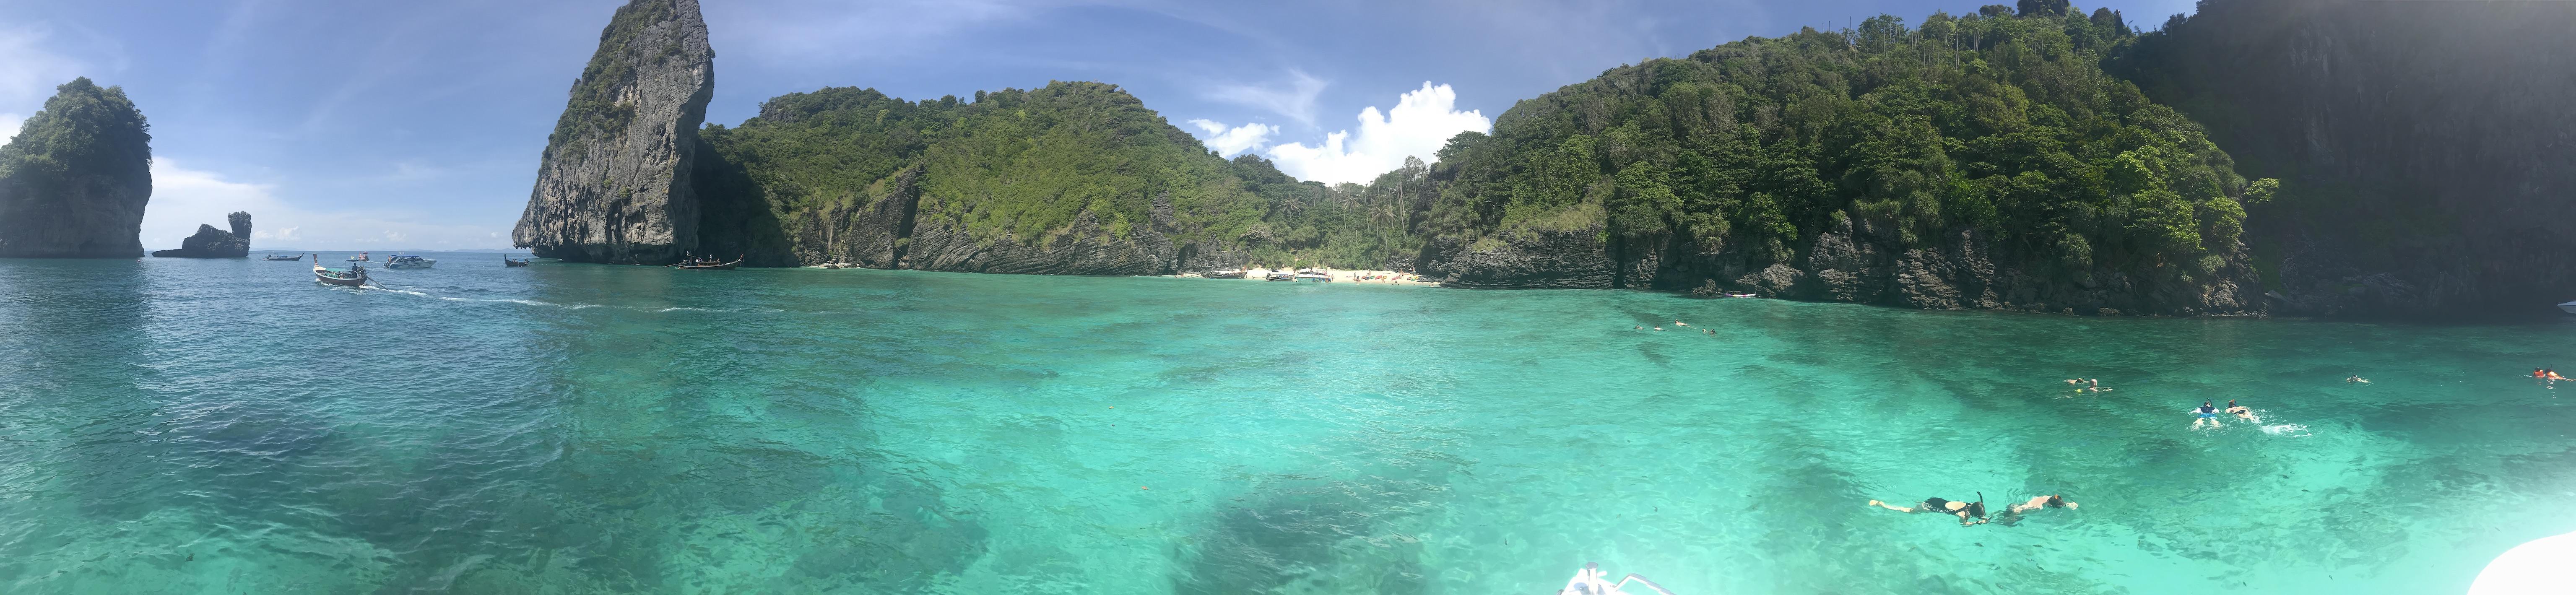 Splash Jungle